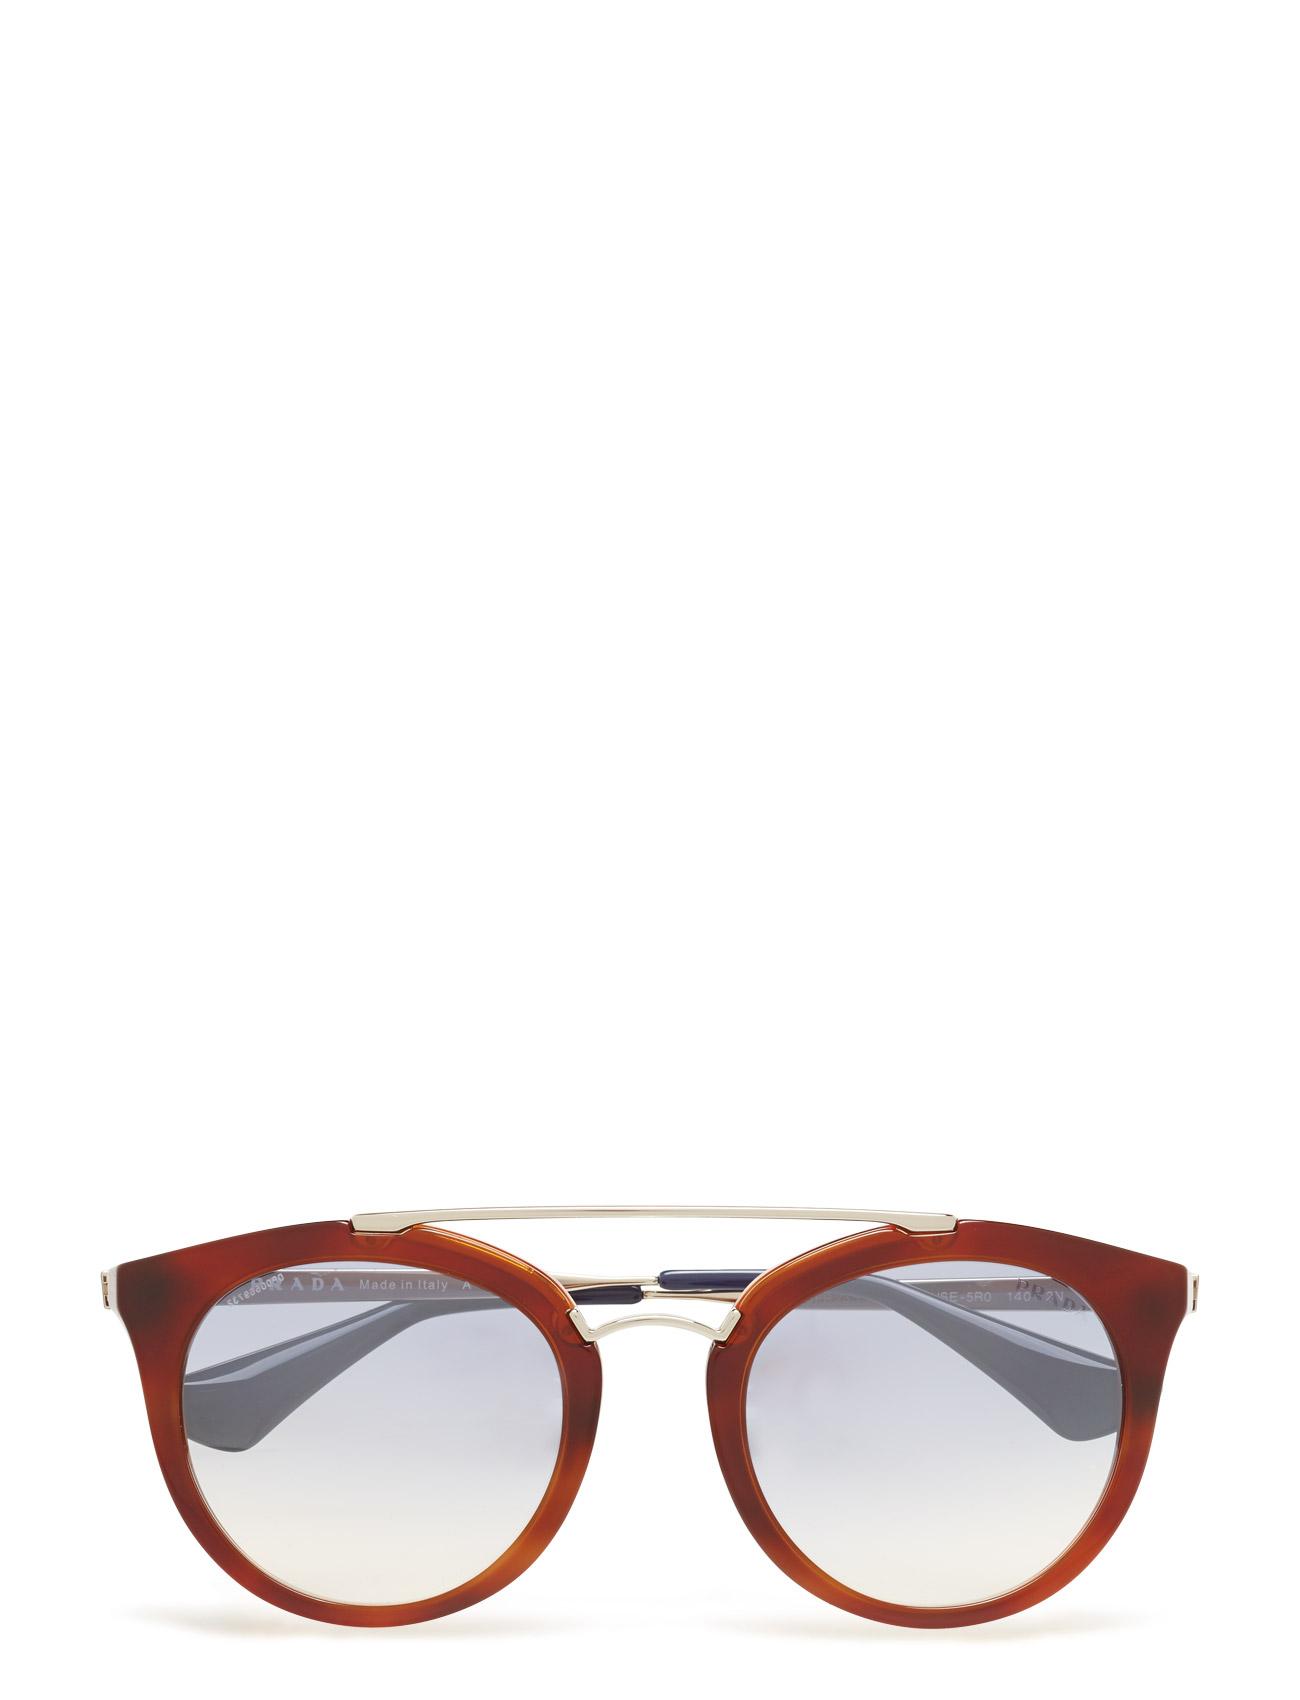 Artikel klicken und genauer betrachten! - Prada Sunglasses. Acetat. Brillenbügel für zusätzlichen Komfort. Acetat ist hypoallergen, robust, leicht und aus erneuerbarem Material gefertigt.. getönte Brillengläser. Retroeinflüsse. inklusive Etui. Hergestellt in Italien. Der Artikel ist für Damen, in der Farbe STRIPED LIGHT BROWN/GRAD LIGHT BLUE MIRROR SILVER. Das Produktmaterial ist Acetat und der Artikel ist erhältlich in den Größen 52. Versandkosten betragen 0,00 €. Boozt bietet alle marktüblichen Zahlungsweisen wie Kauf auf Rechnung, Paypal und Kreditkartenzahlung. Ausserdem gibt es bei Boozt.com immer ein 30 tägiges Rückgaberecht und damit sind Retouren für Kunden kostenlos. | im Online Shop kaufen